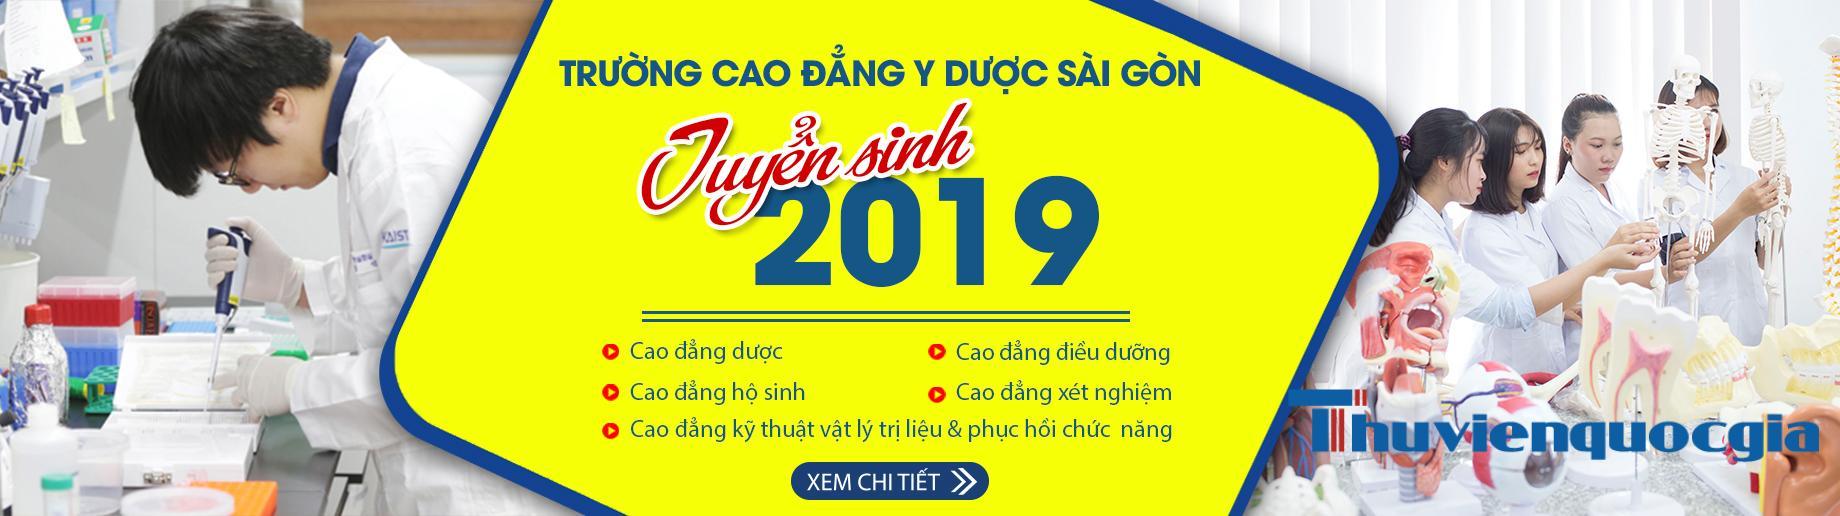 Trường cao đẳng Y Dược Sài Gòn tuyển sinh 2019